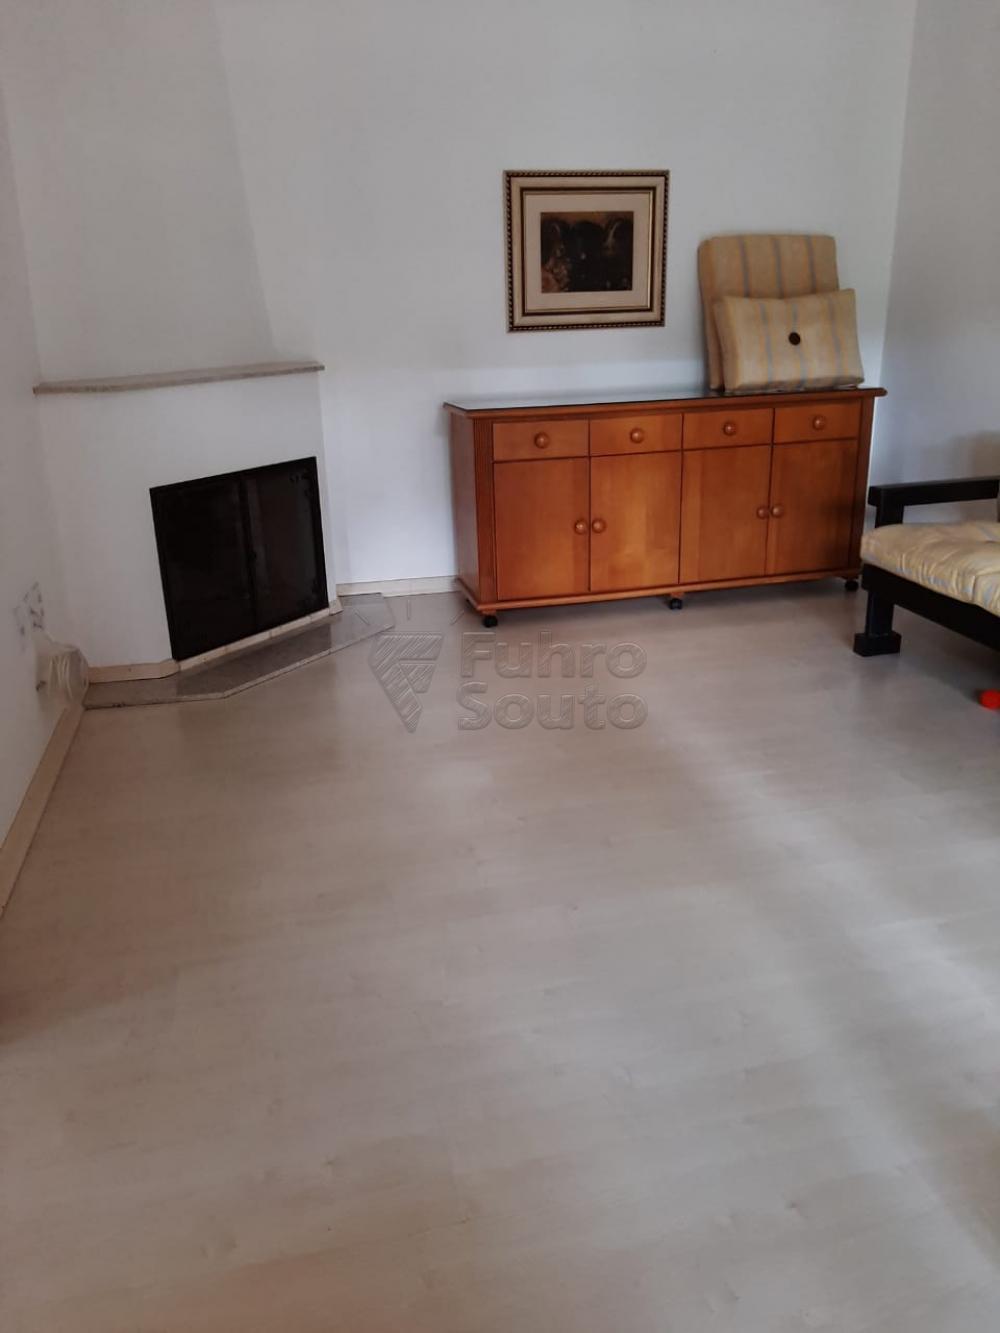 Comprar Casa / Padrão em Pelotas R$ 1.200.000,00 - Foto 4